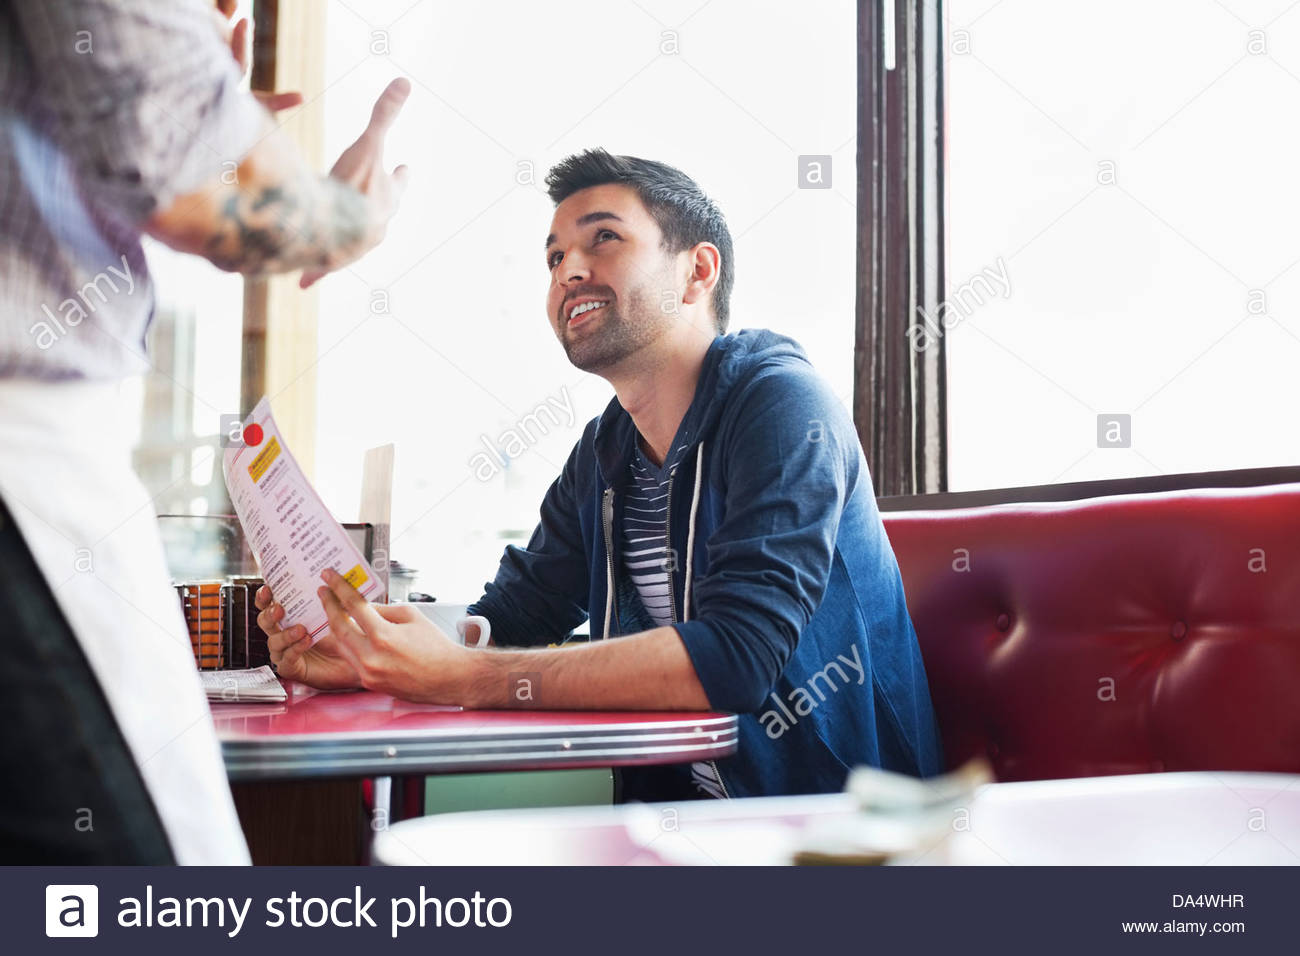 Männlicher Kunde im Diner Essen bestellen Stockbild